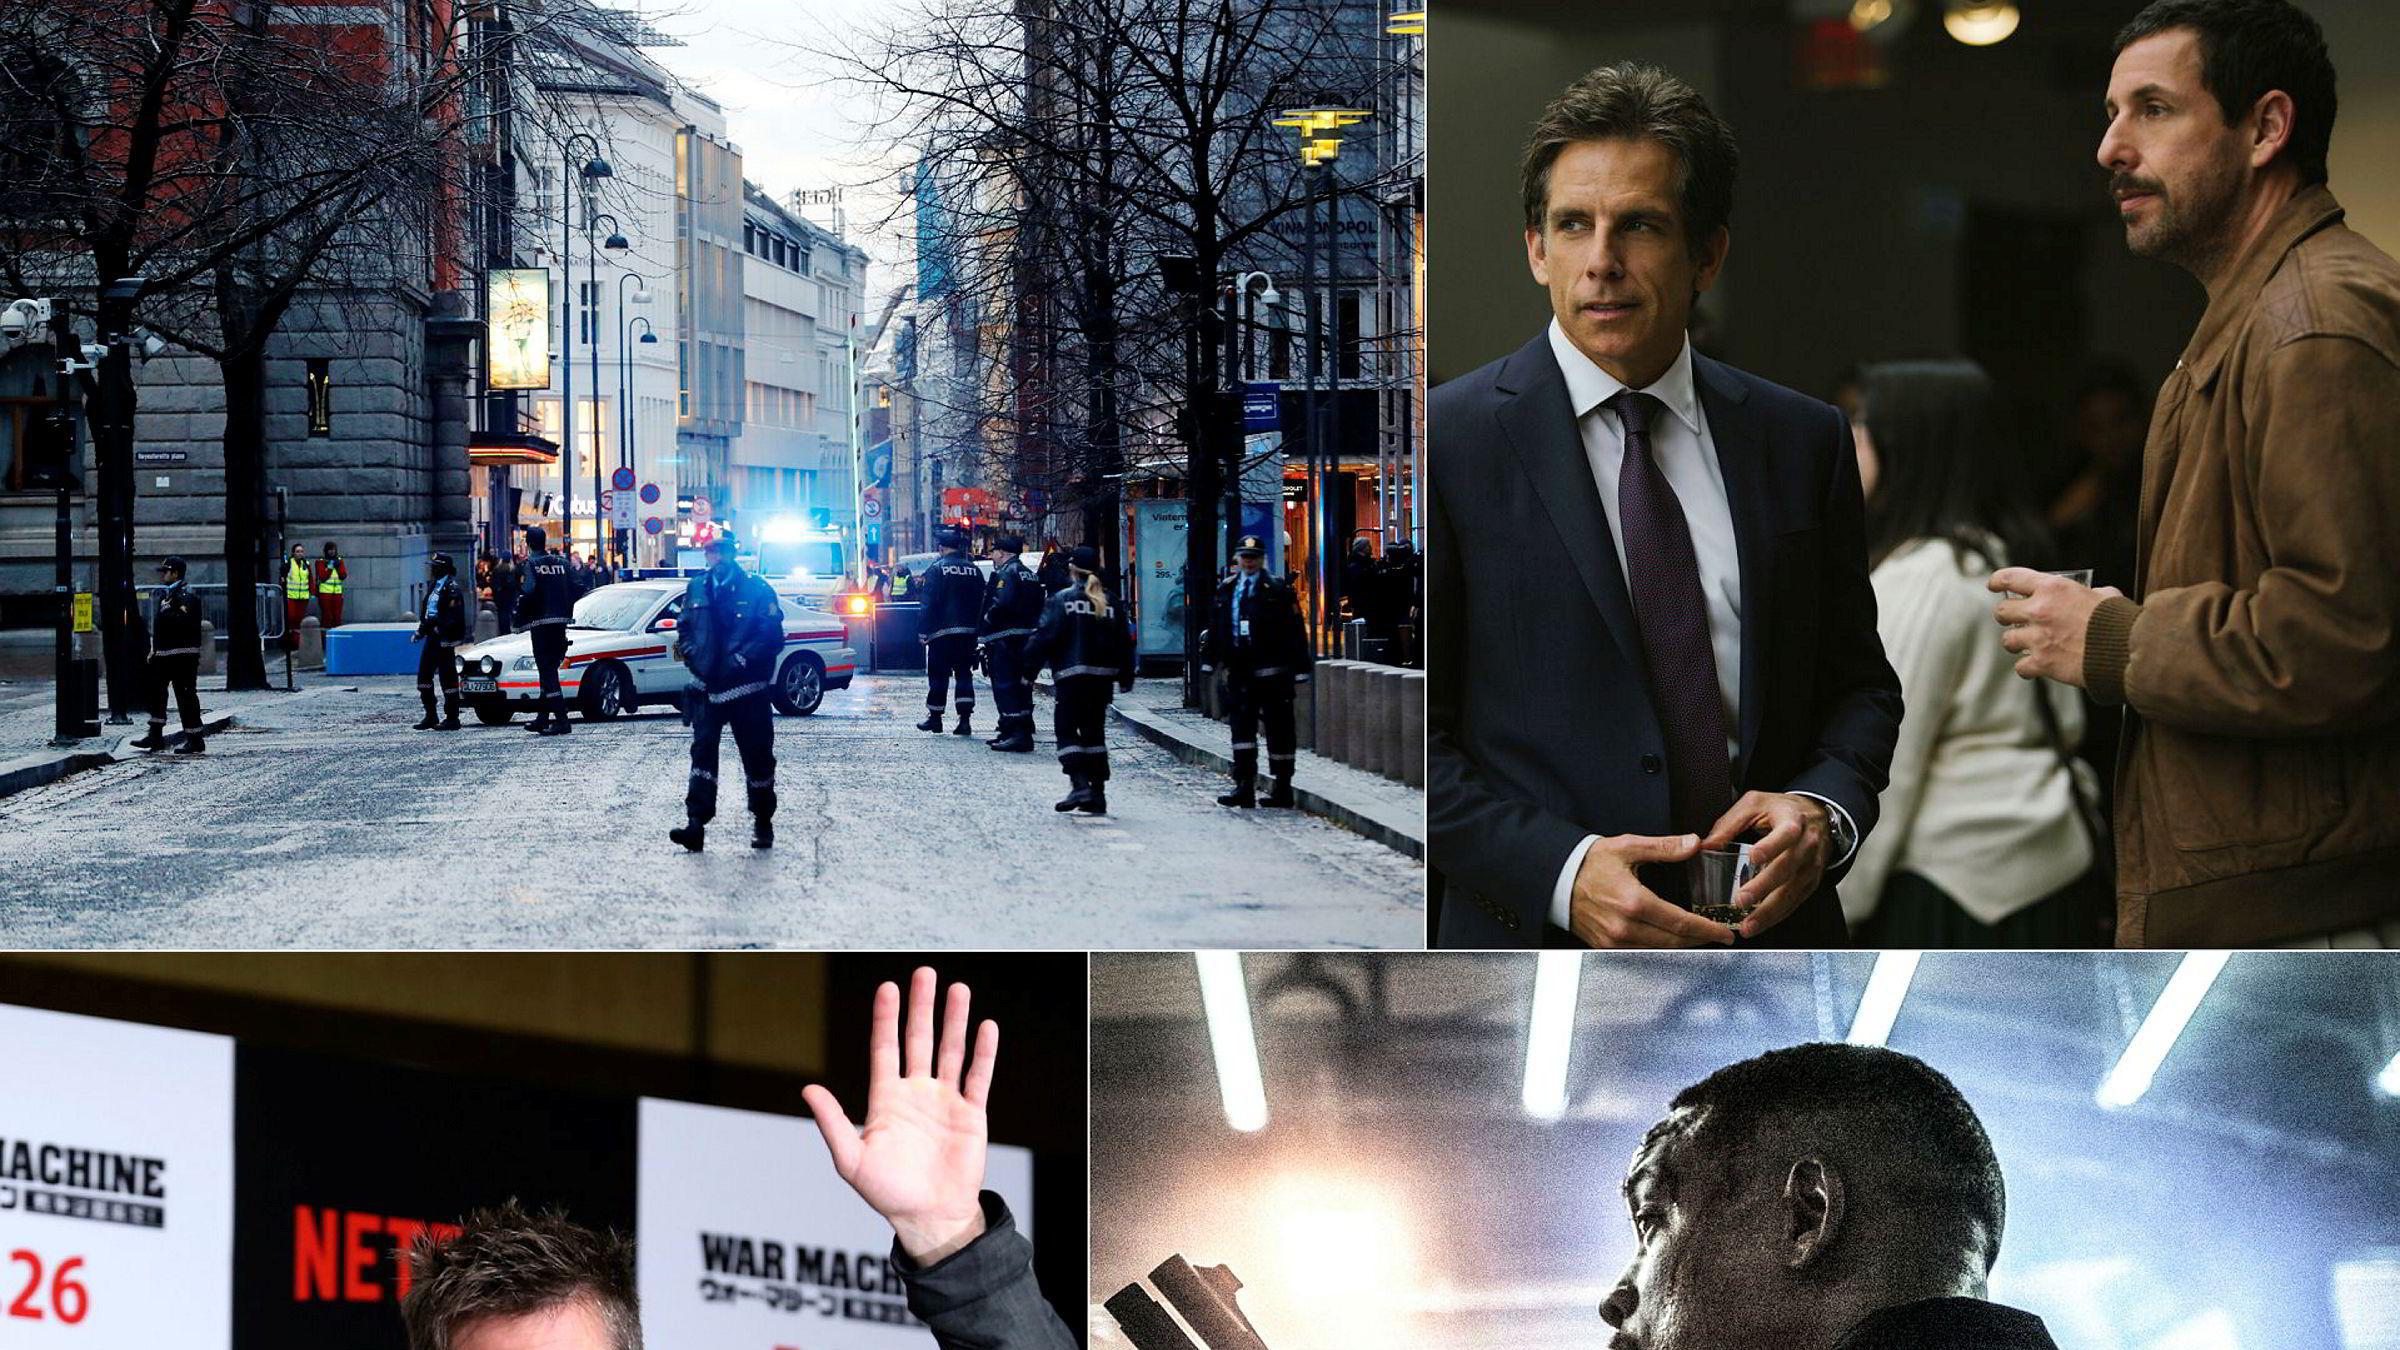 Netflix satser tungt på film. 22. juli-filmen «Norway» (oppe til venstre) er en av filmene Netflix har på planen, sammen med fem nye filmer med komiker Adam Sandler (oppe til høyre). I fjor slapp strømmetjenesten filmer med Brad Pitt og Will Smith.